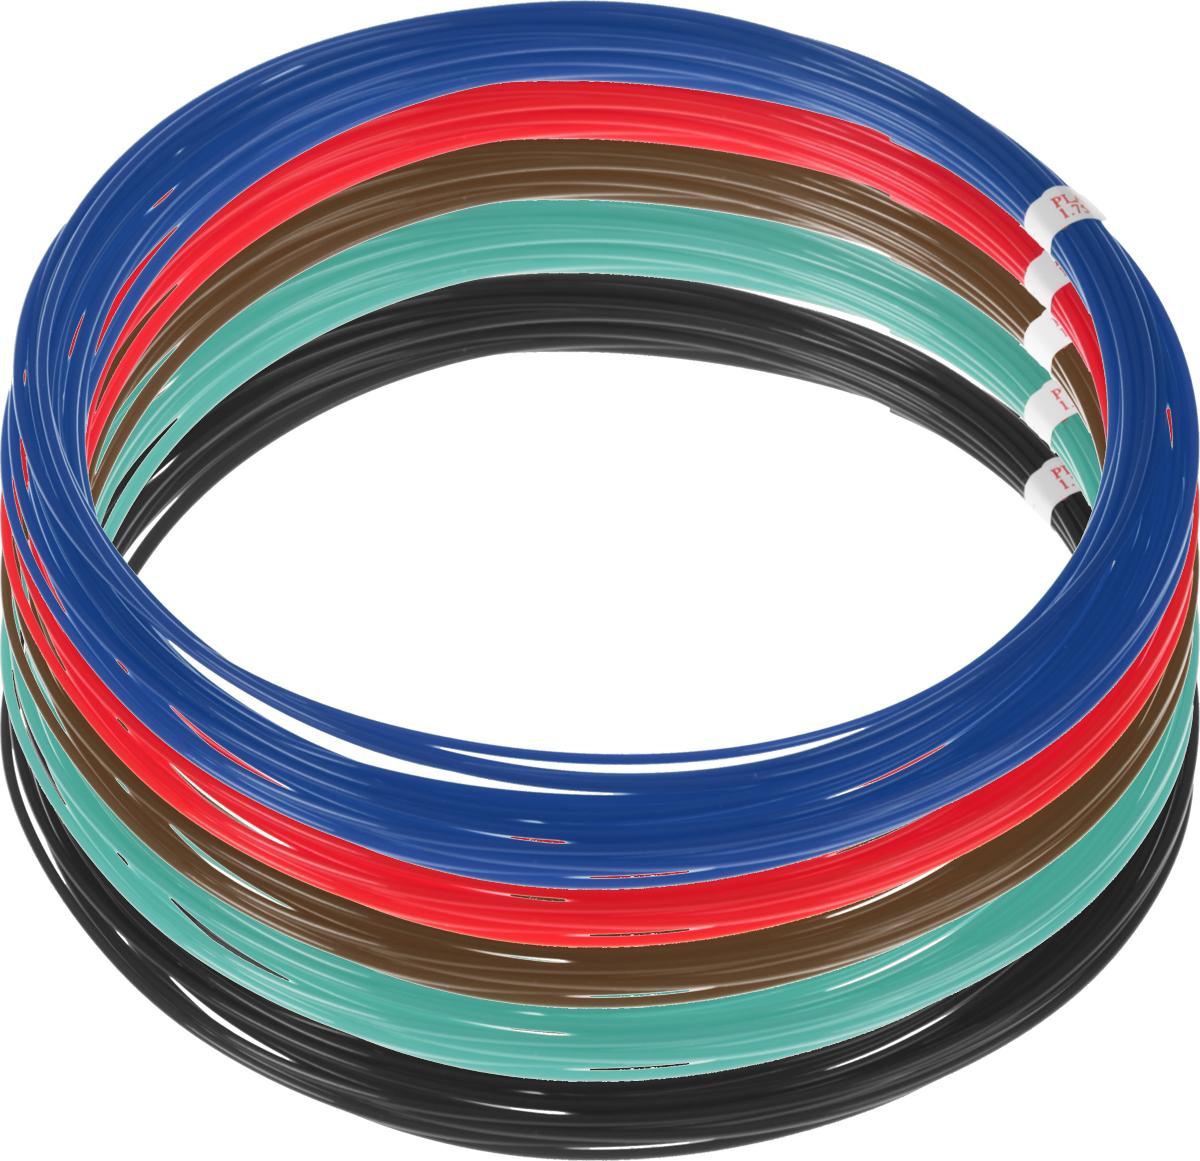 Plastiq пластик PLA 5 цветов по 10 м2990000001887Пластик PLA создается из самых разнообразных продуктов сельского хозяйства - кукурузы, картофеля, сахарной свеклы и т.п. - и считается более экологичным, чем ABS, в основе которого лежит нефть. Изначально он применялся для изготовления продуктовых упаковок и легко утилизируется в промышленных компостных установках. При плавлении не выделяет едких запахов.